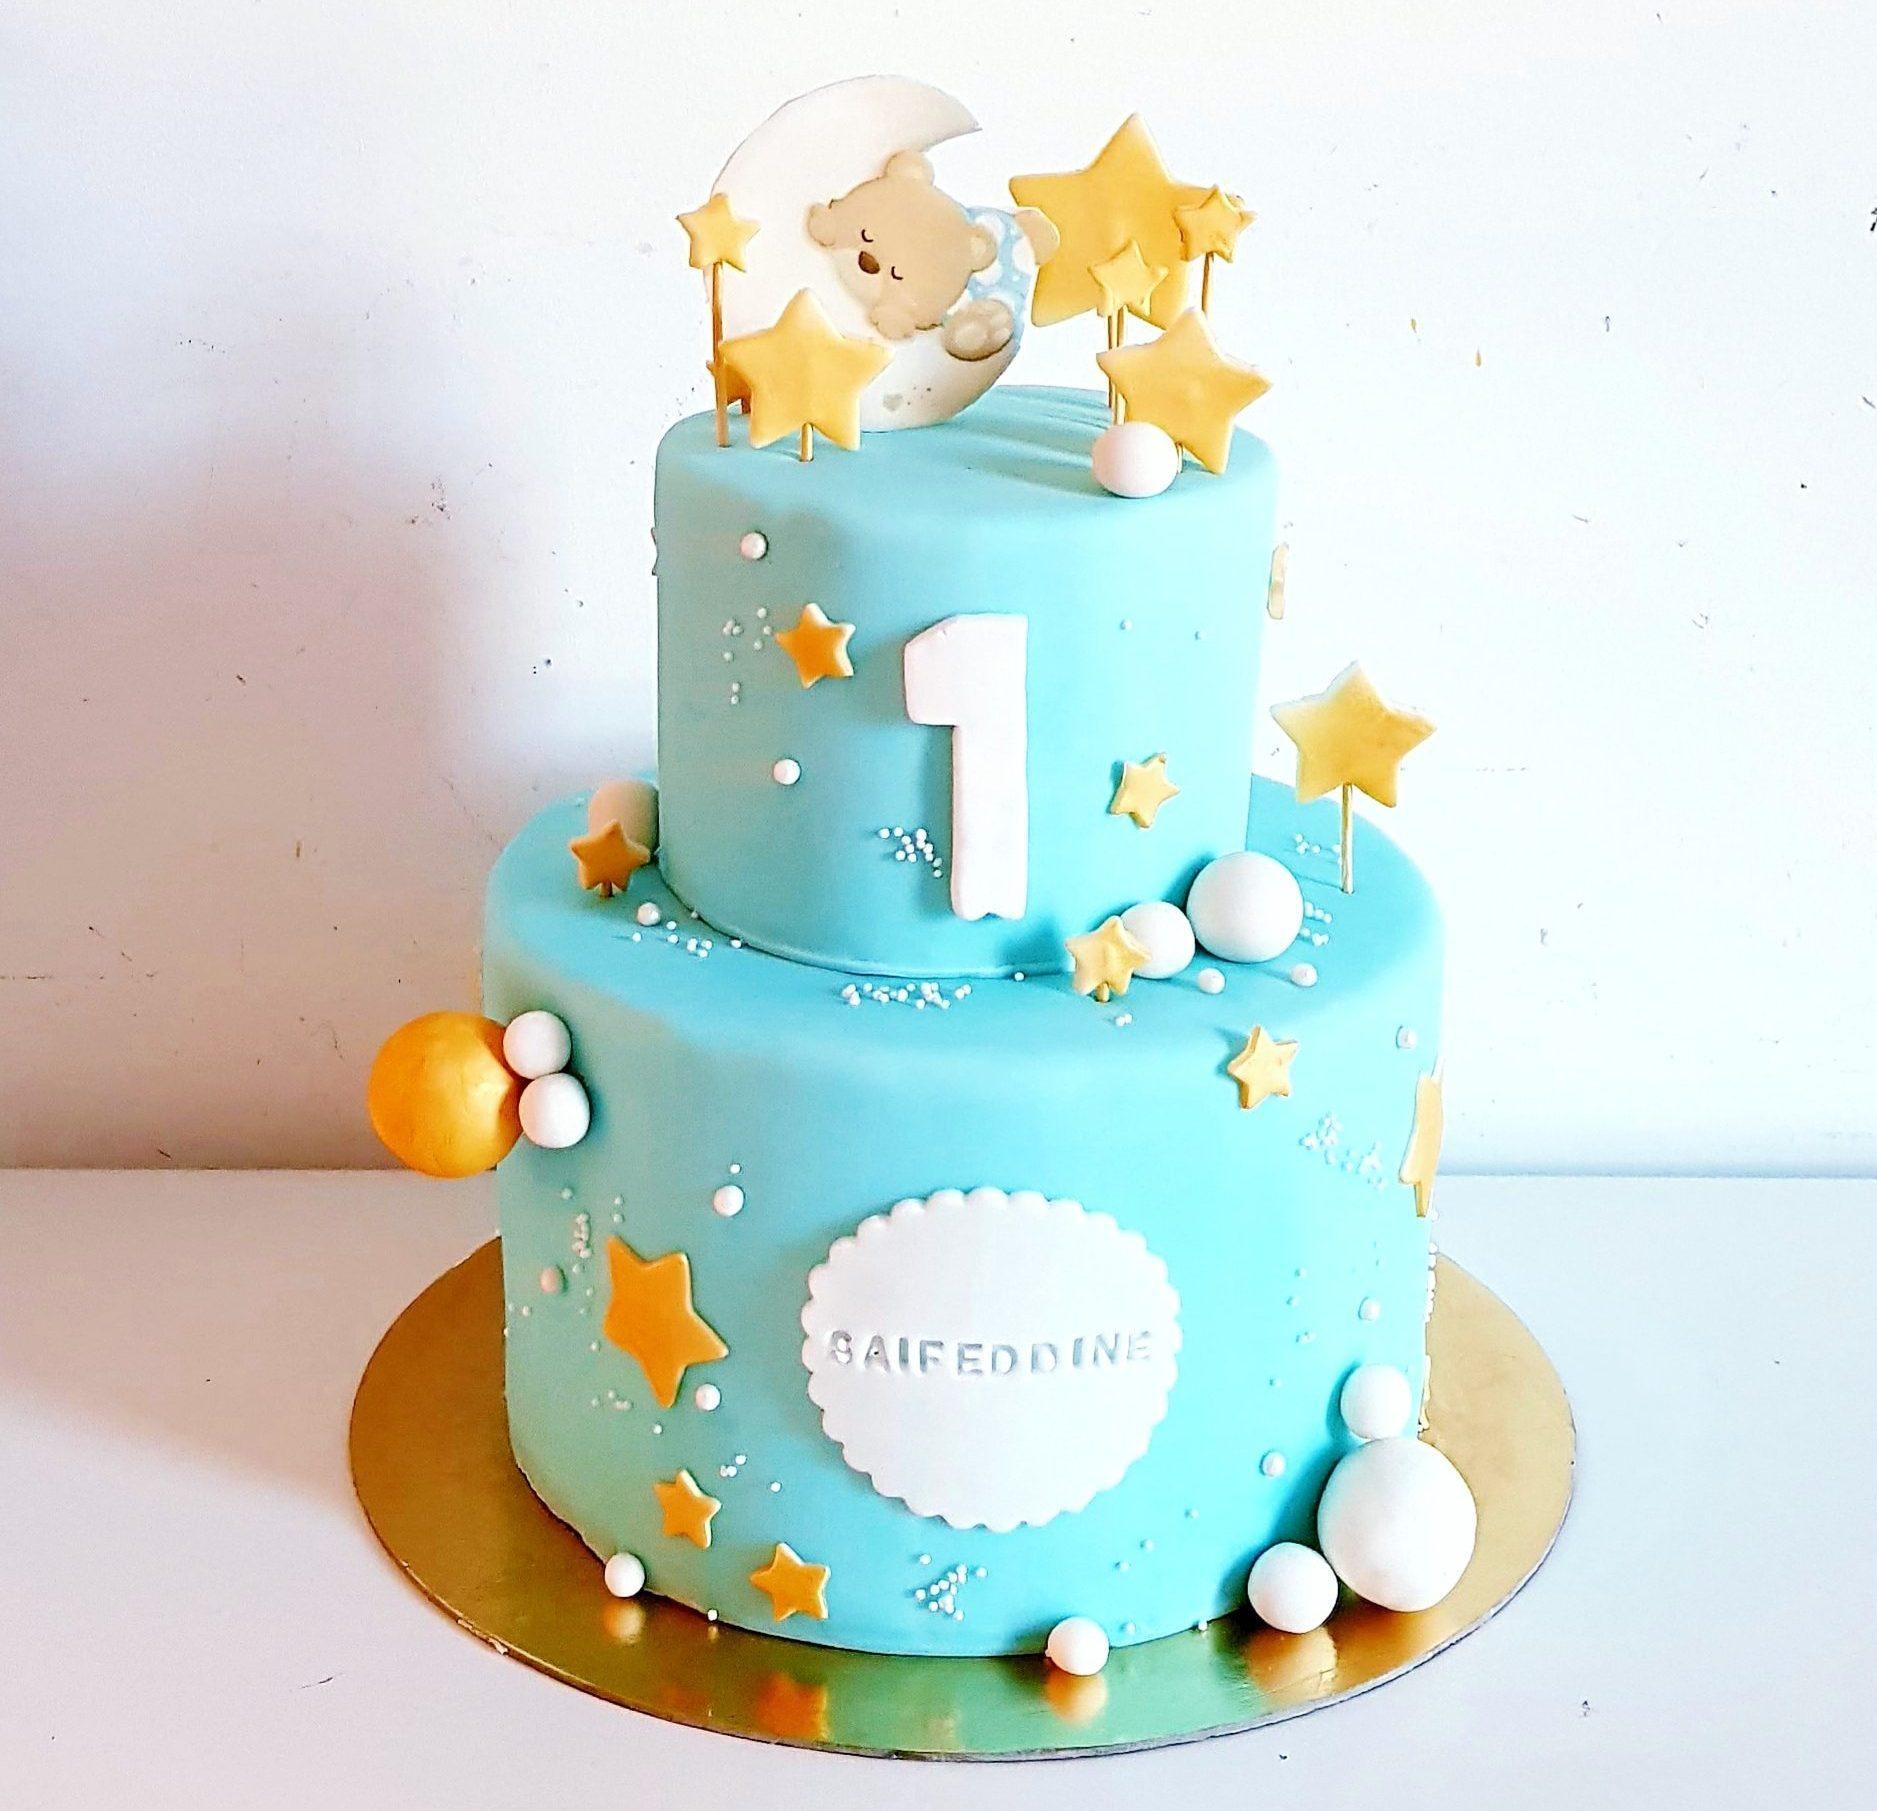 Gâteau d'anniversaire 1 an saifeddine